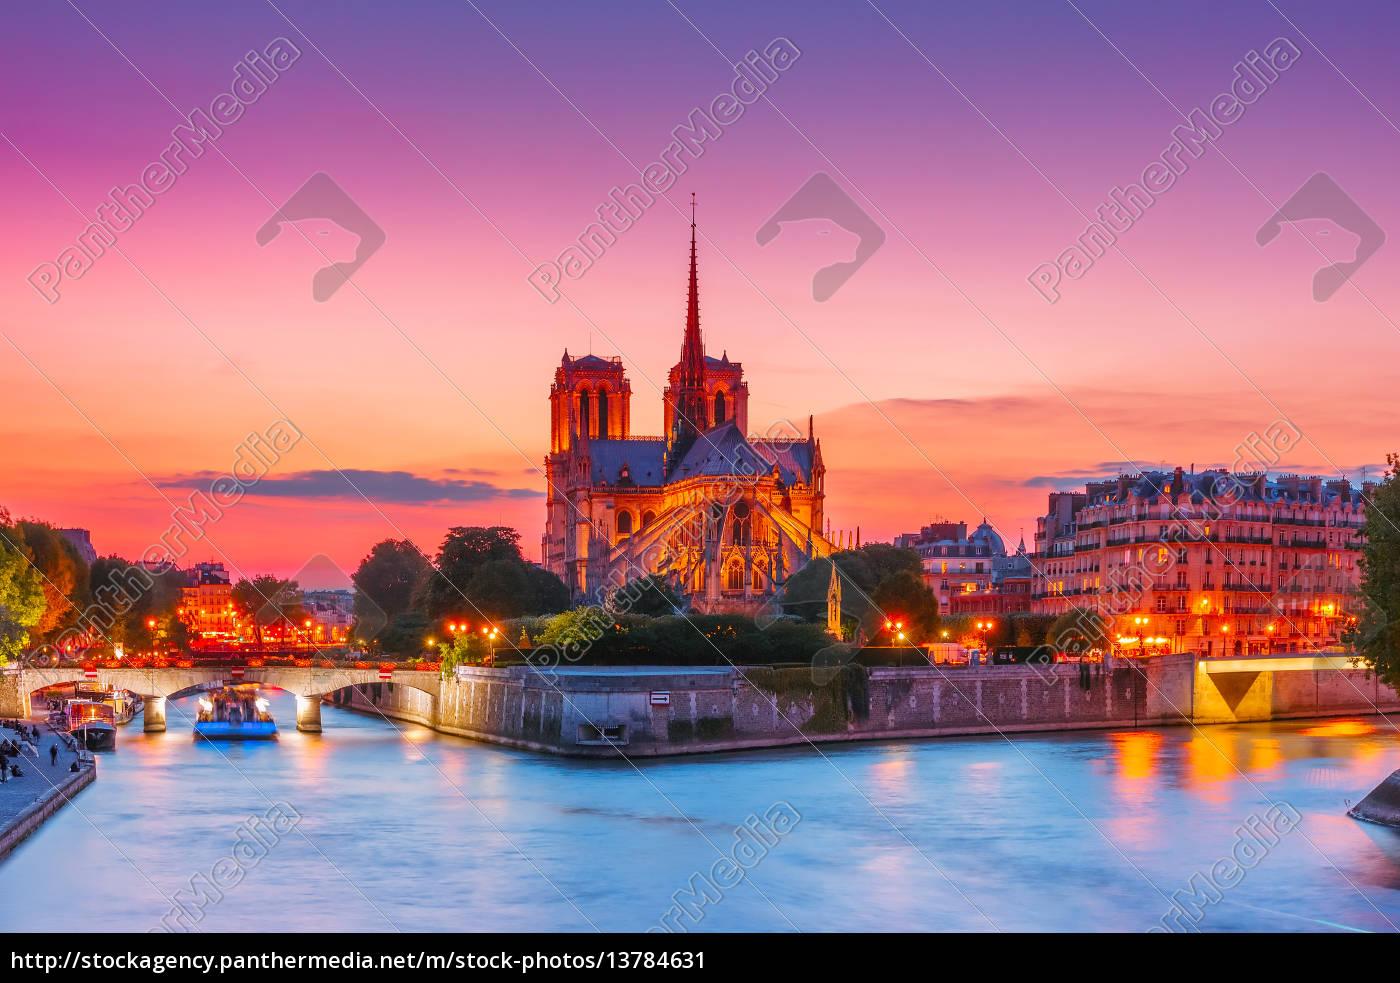 cathedral, of, notre, dame, de, paris - 13784631